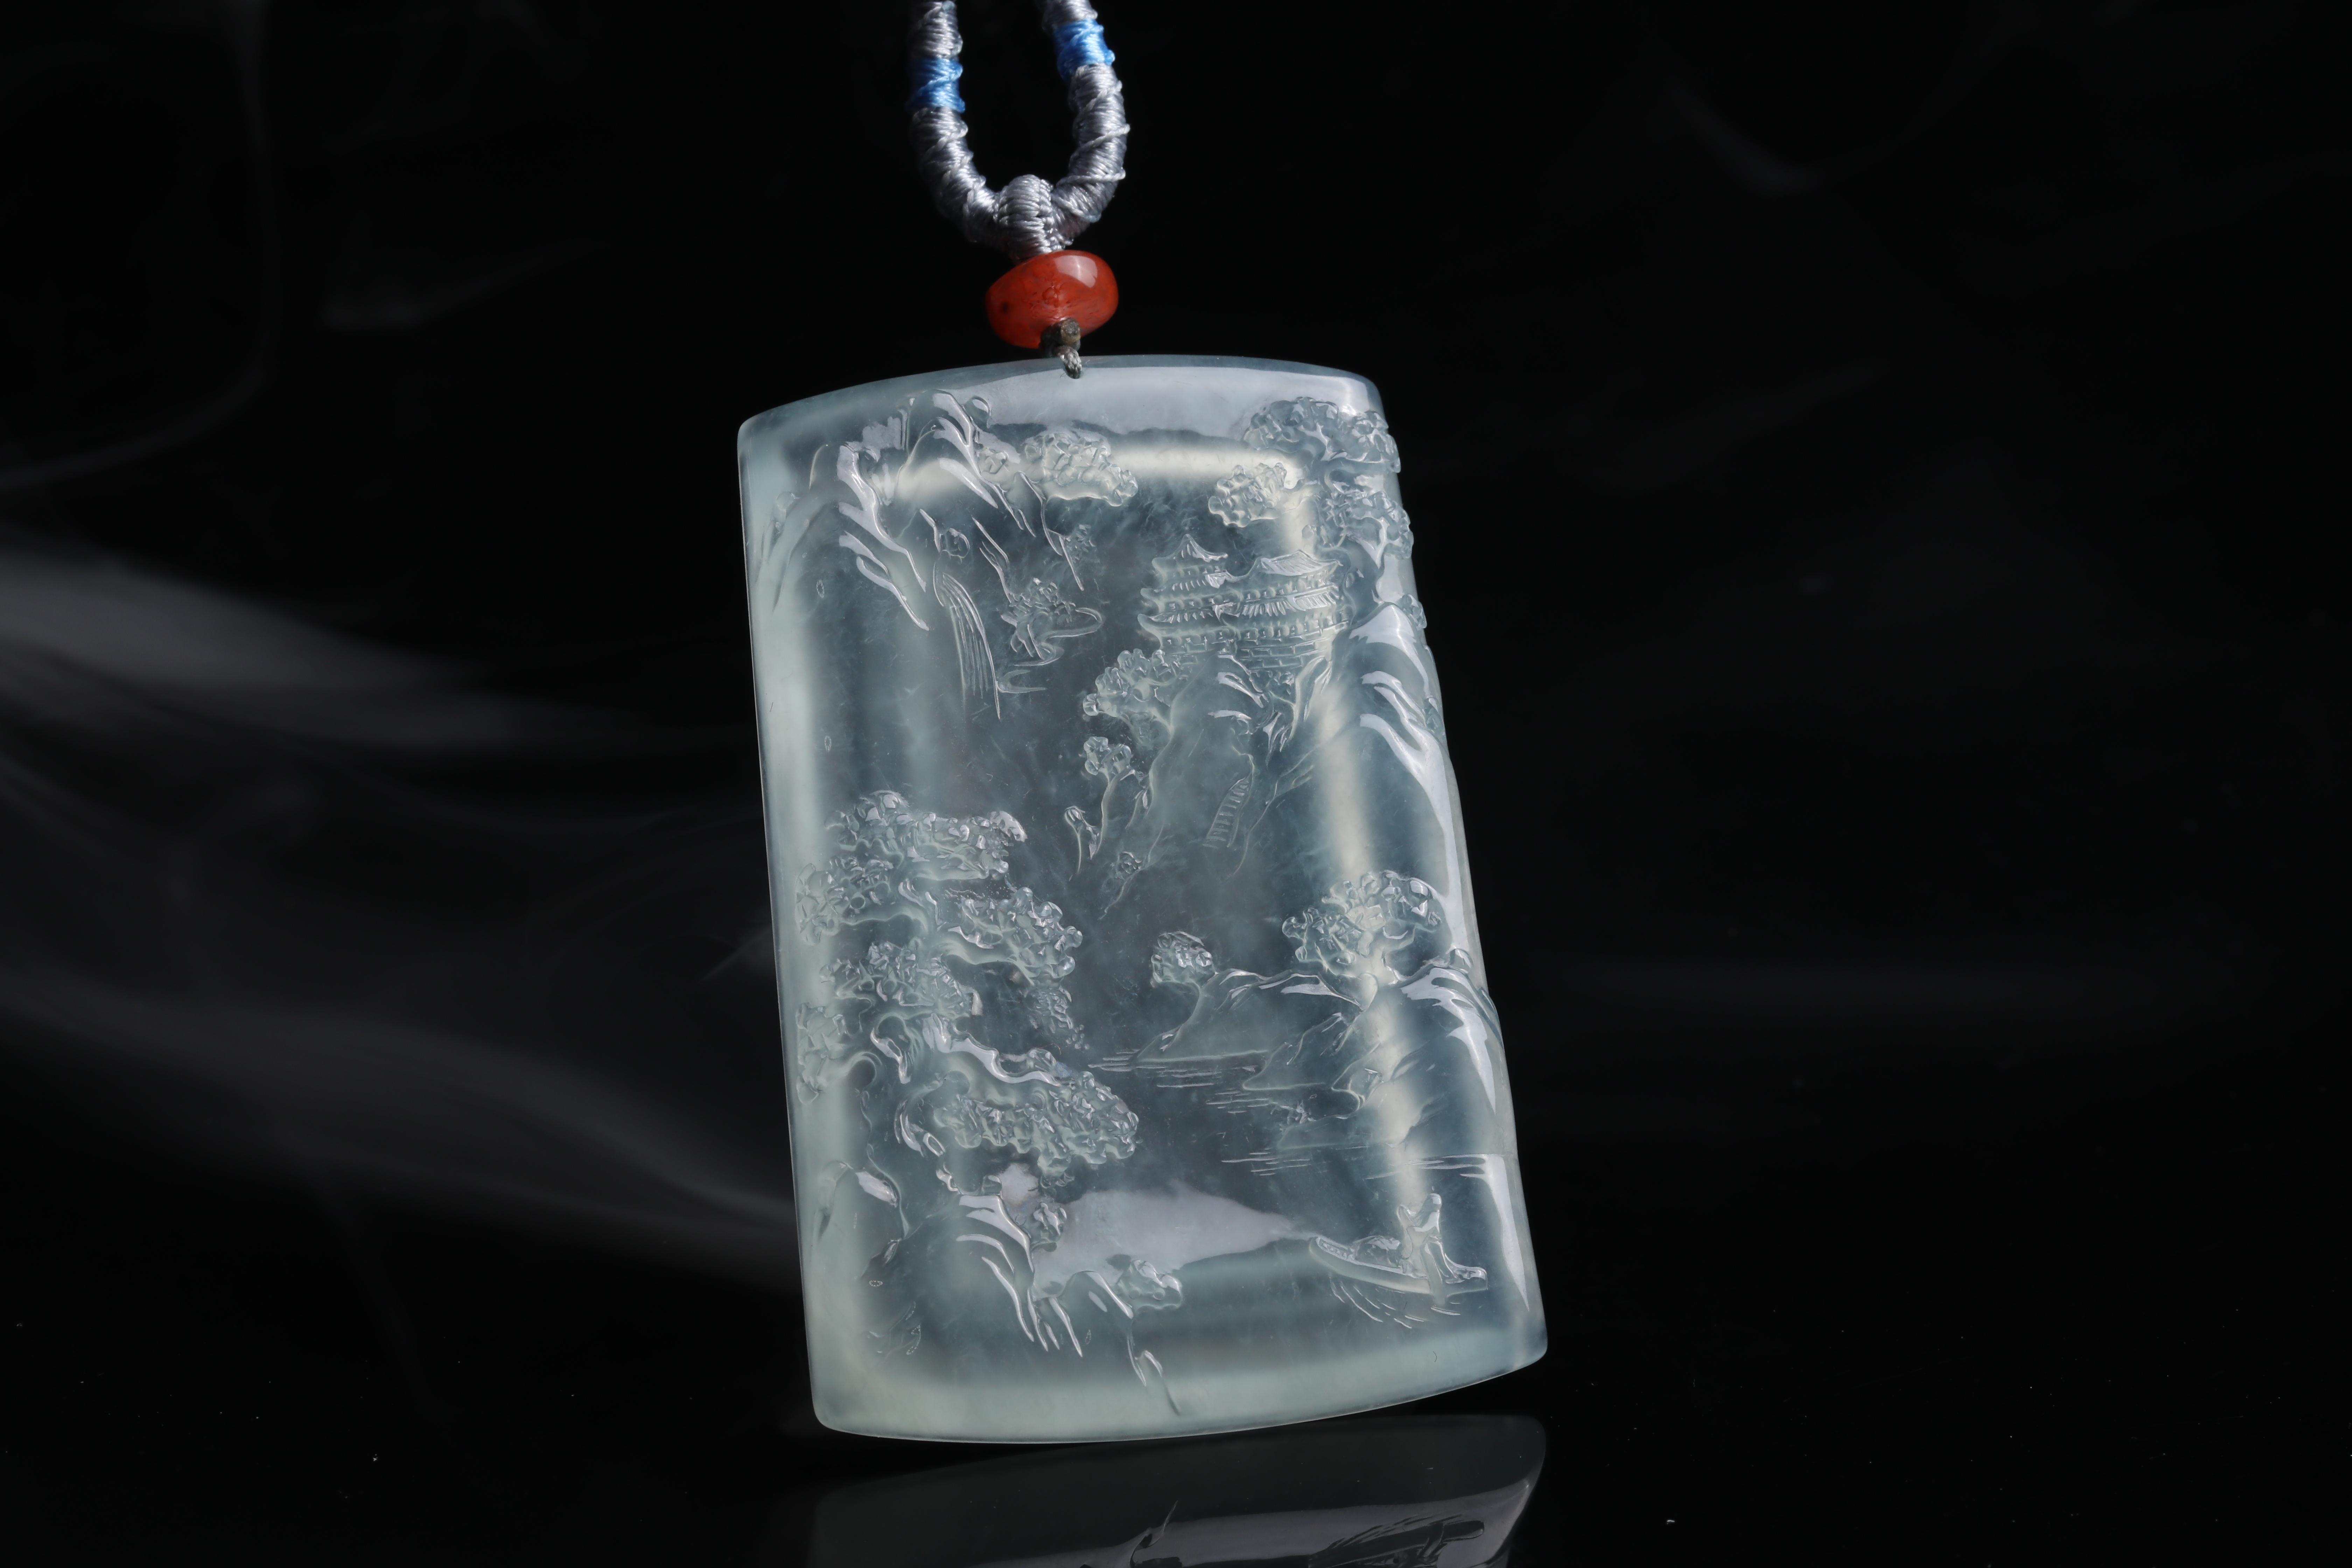 故宫翡翠藏品800多件,为什么就是没有无色玻璃种的翡翠呢?